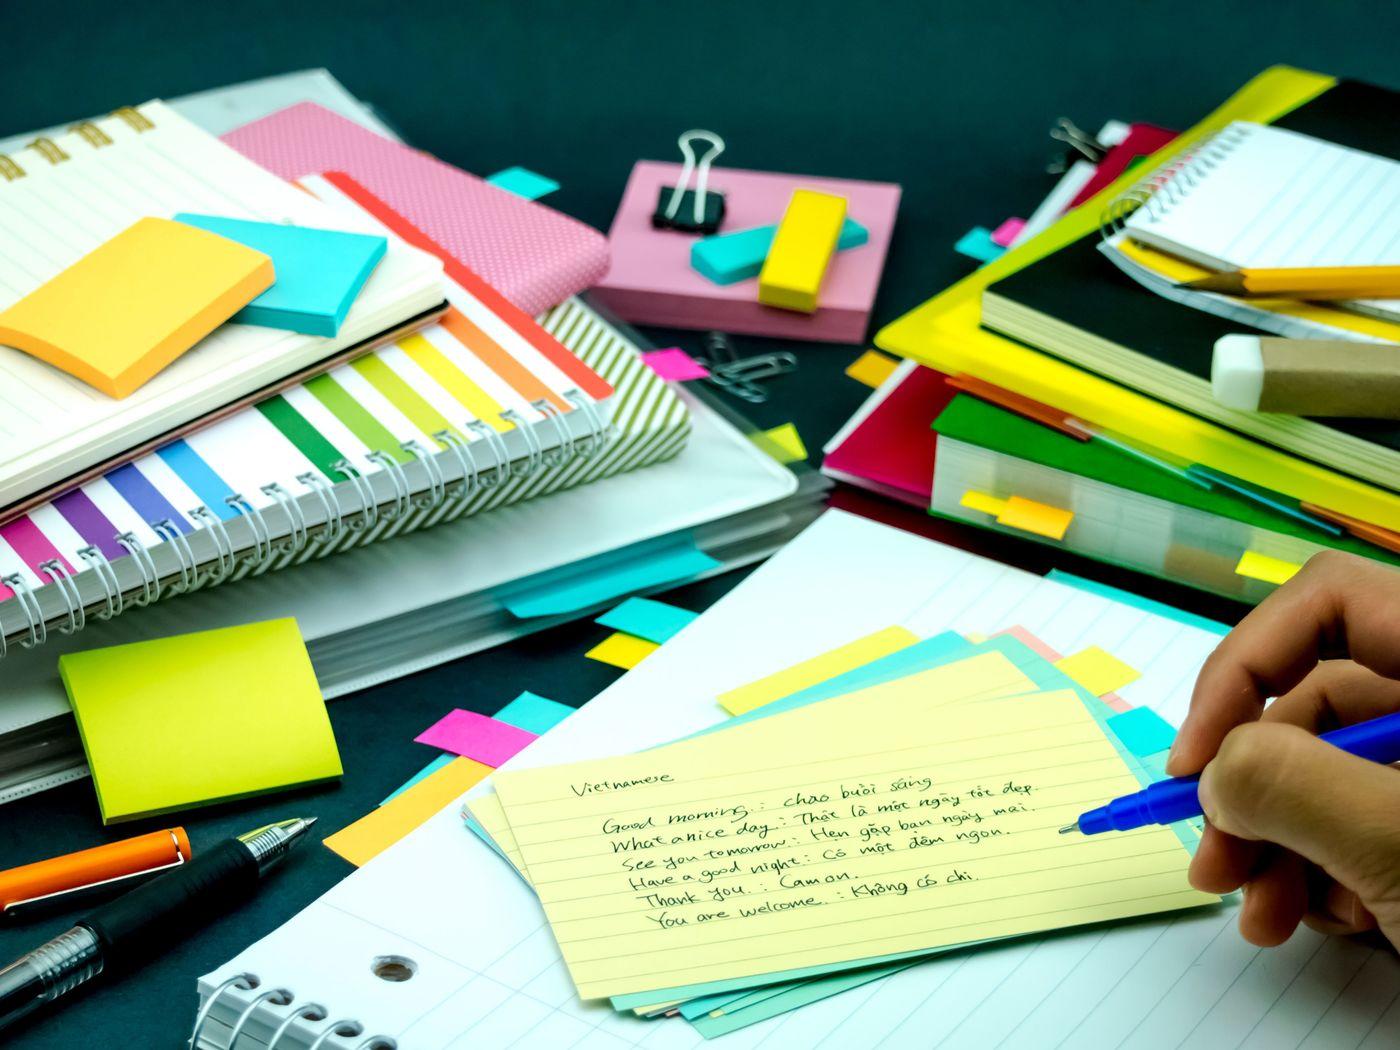 苦手な英語も楽しくなっちゃう♪かわいい付箋で賢いノート作りを!の2枚目の画像